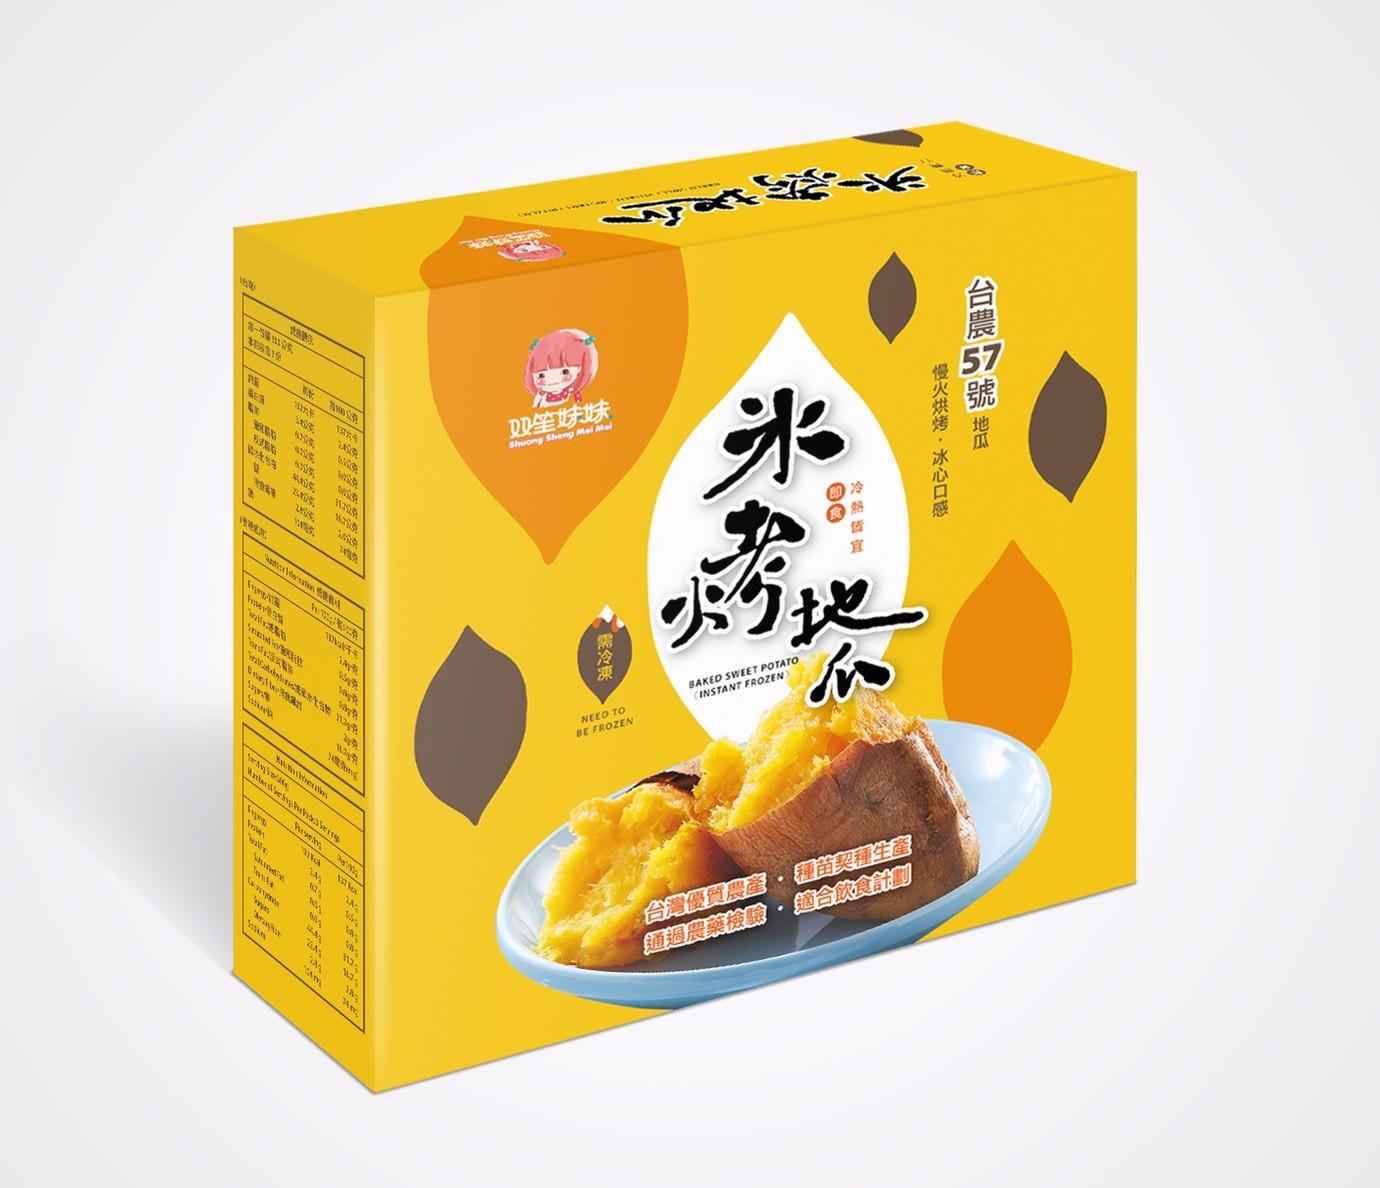 【双笙妹妹冰烤地瓜新品上市】淨重300±10%G/盒/3條 10入